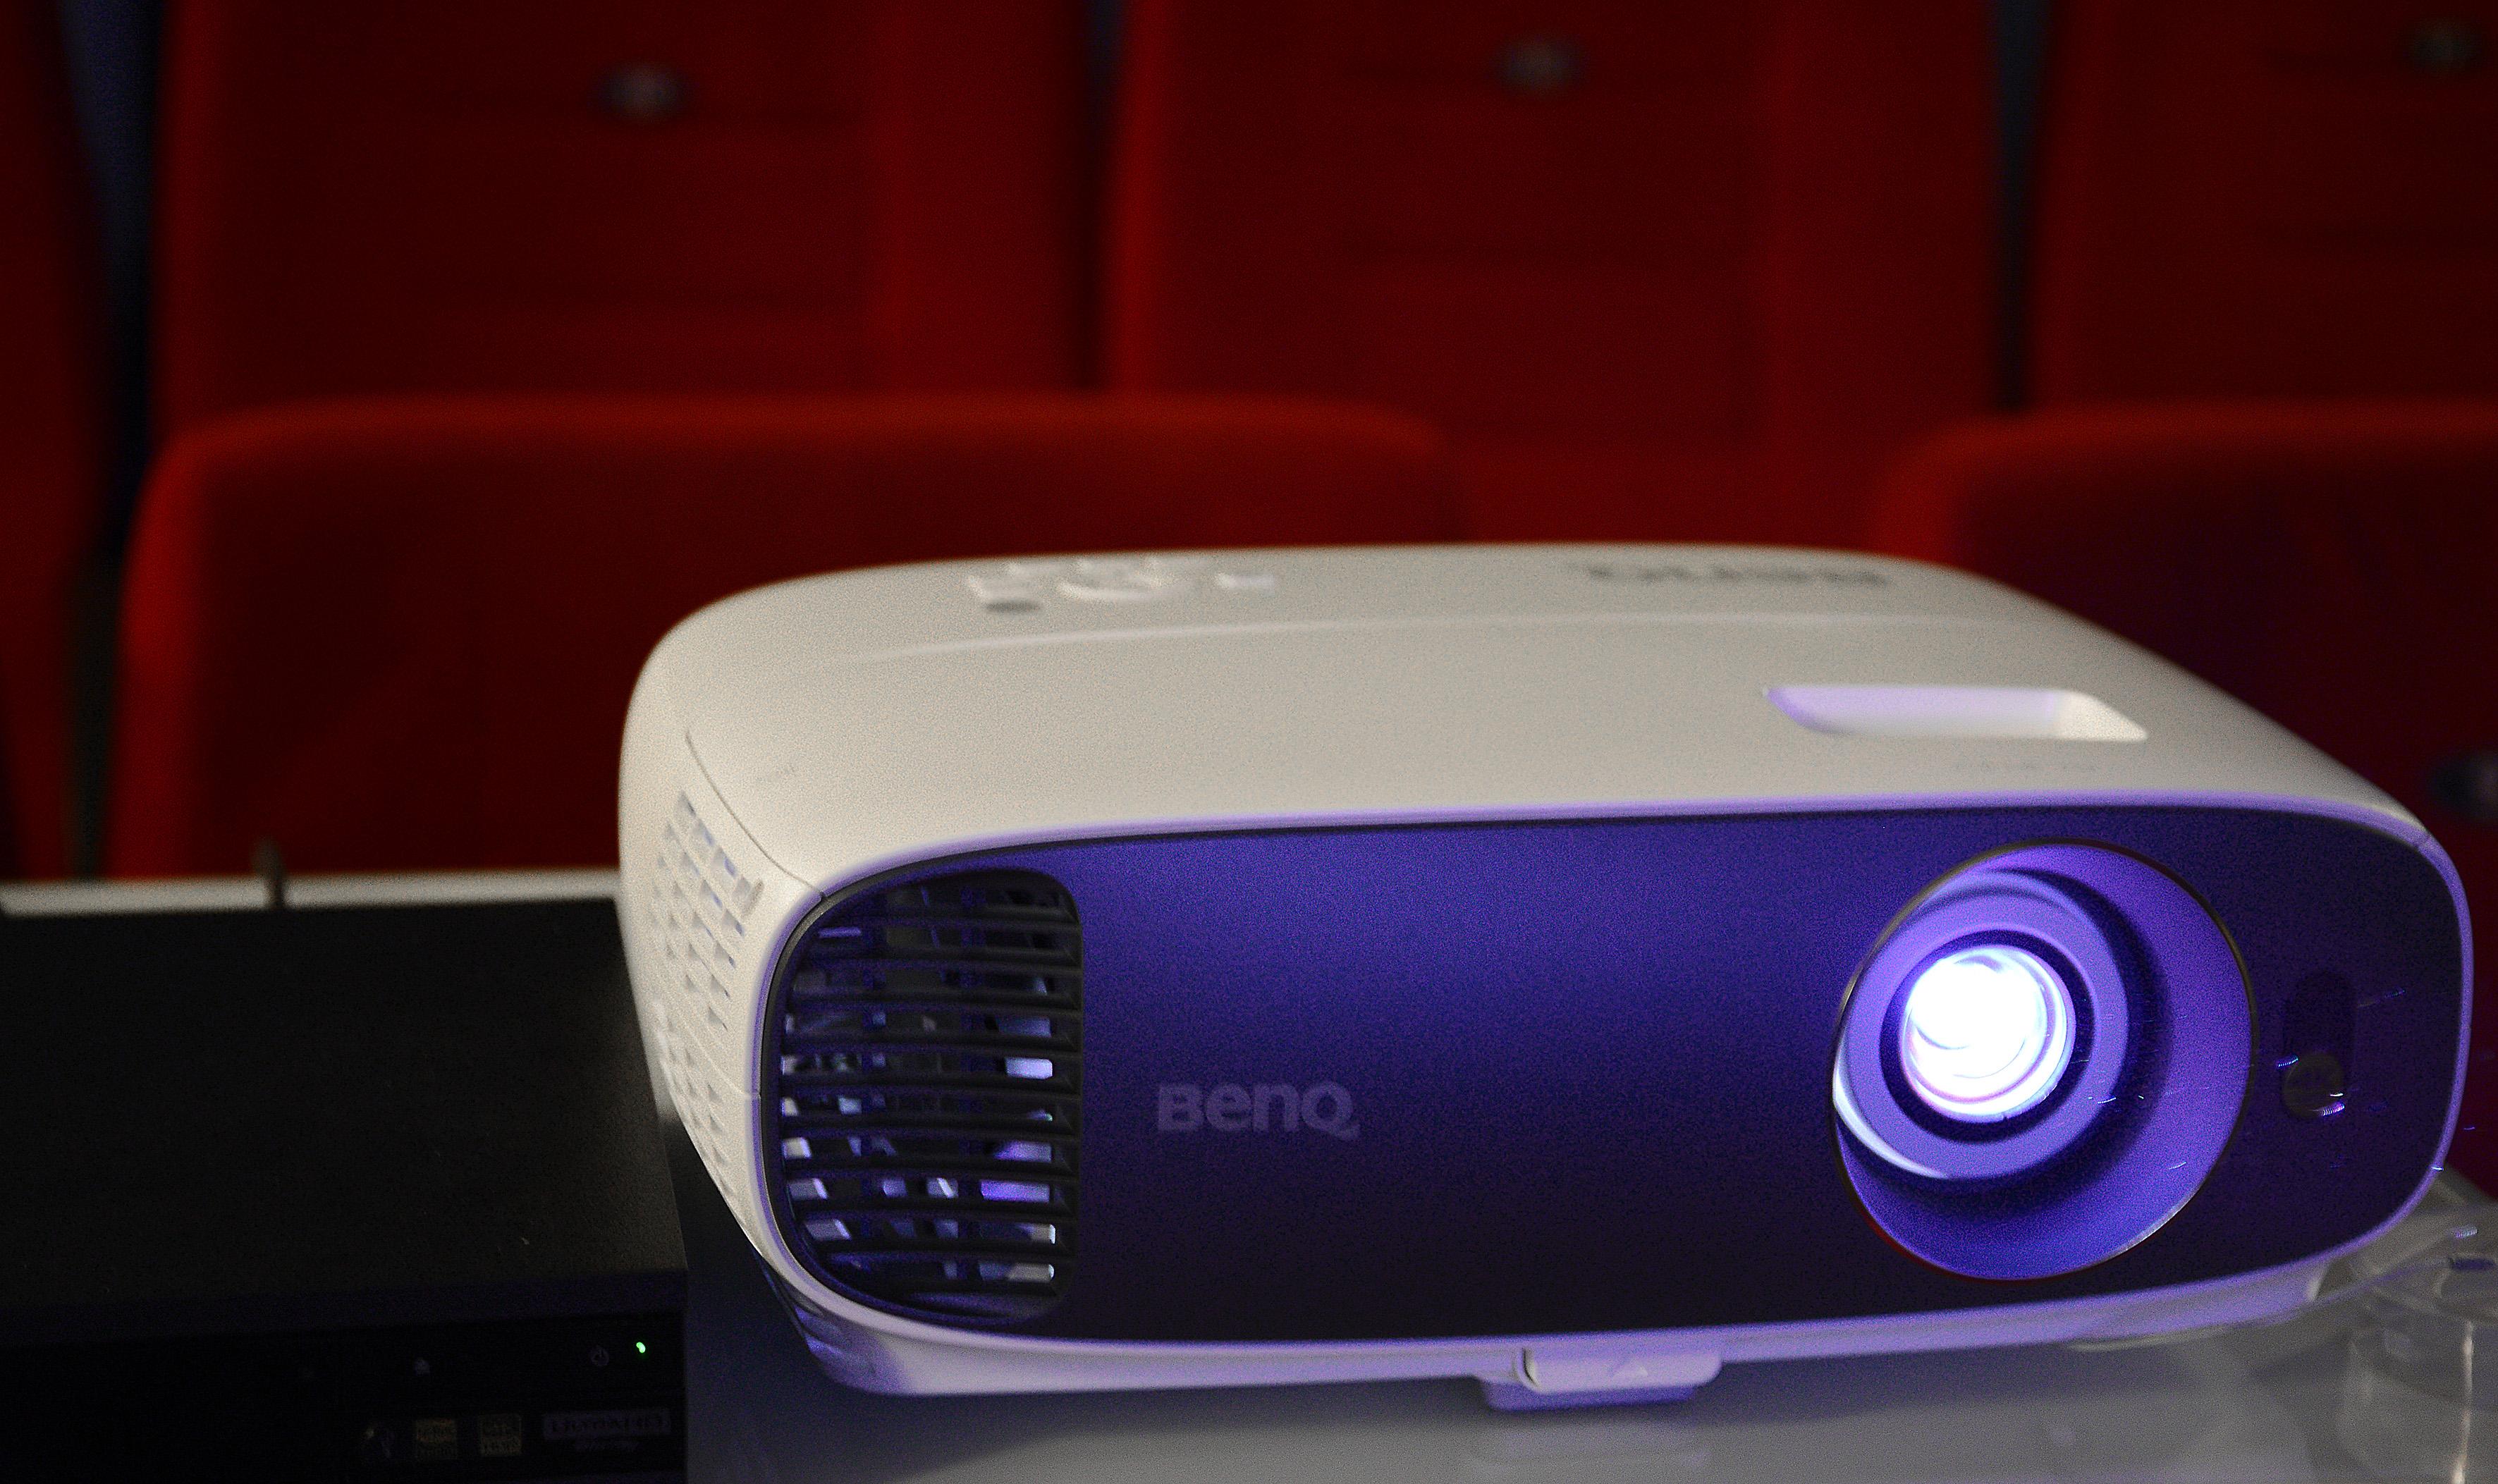 Foto: Michael B. Rehders Auch in meinem Heimkino macht der BenQ W1700 eine gute Figur. Links daneben steht der 4K-Blu-ray-Player von Sony (UBP-X800), der die Zuspielung der 4K-Fotoaufnahmen und Spielfilme übernimmt.